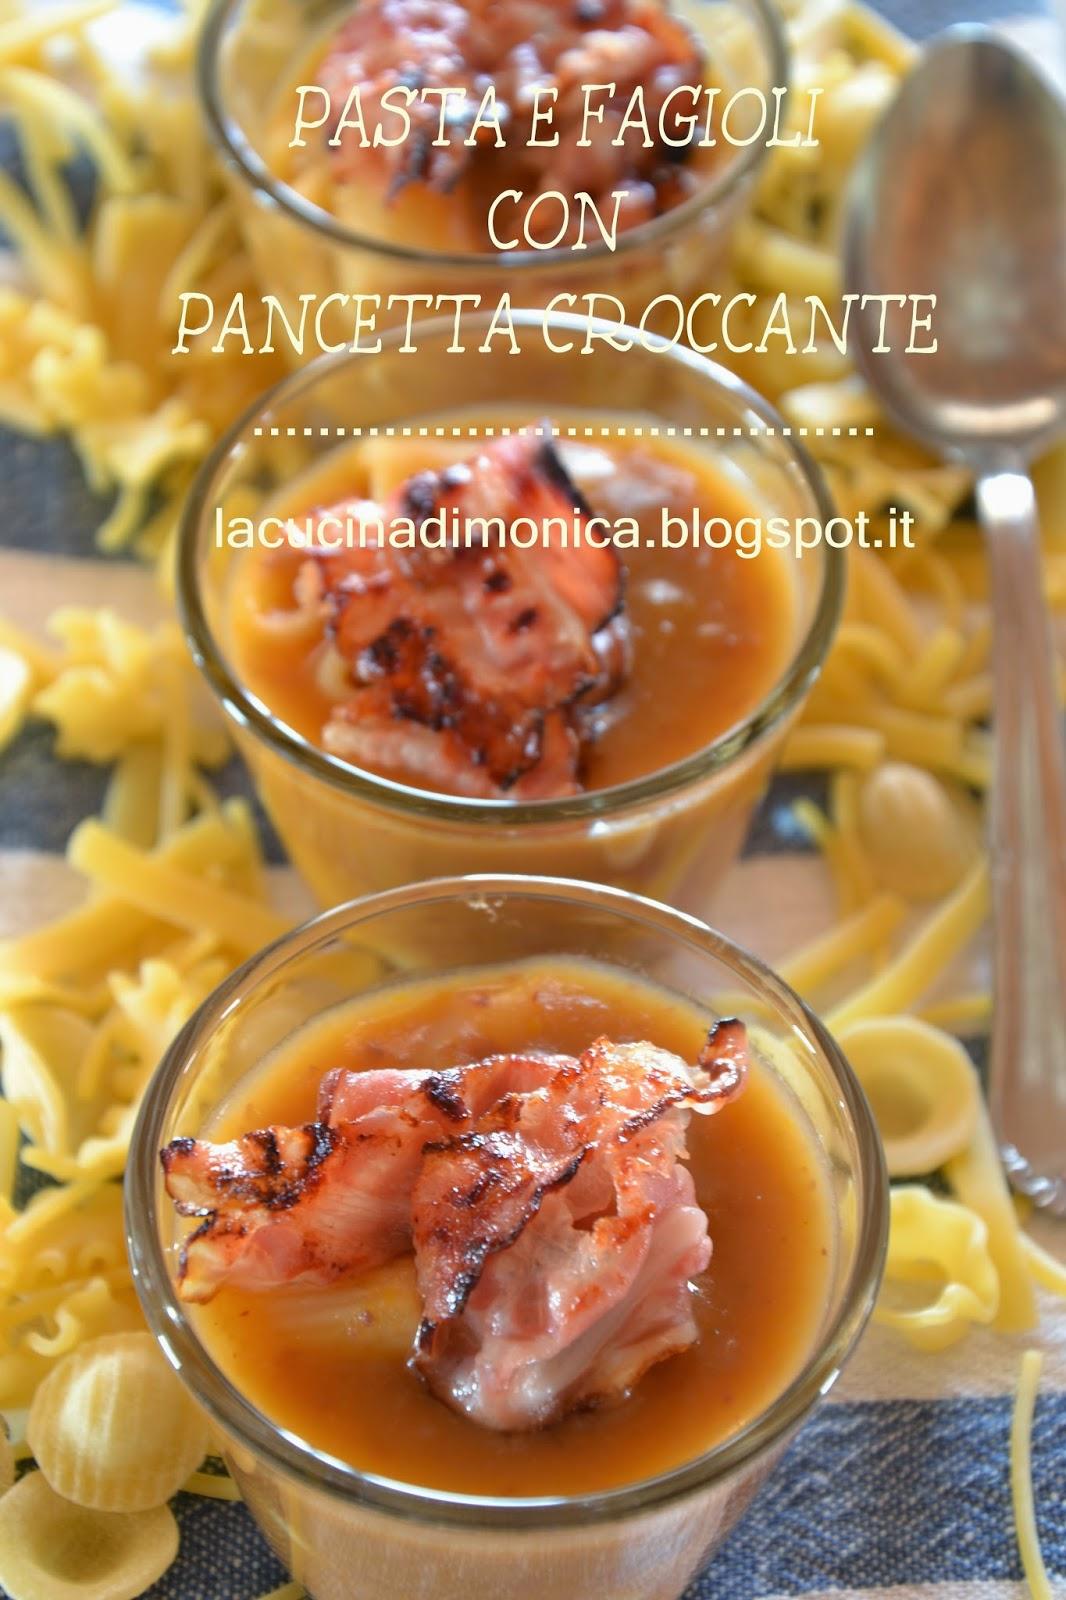 pasta e fagioli con pancetta croccante